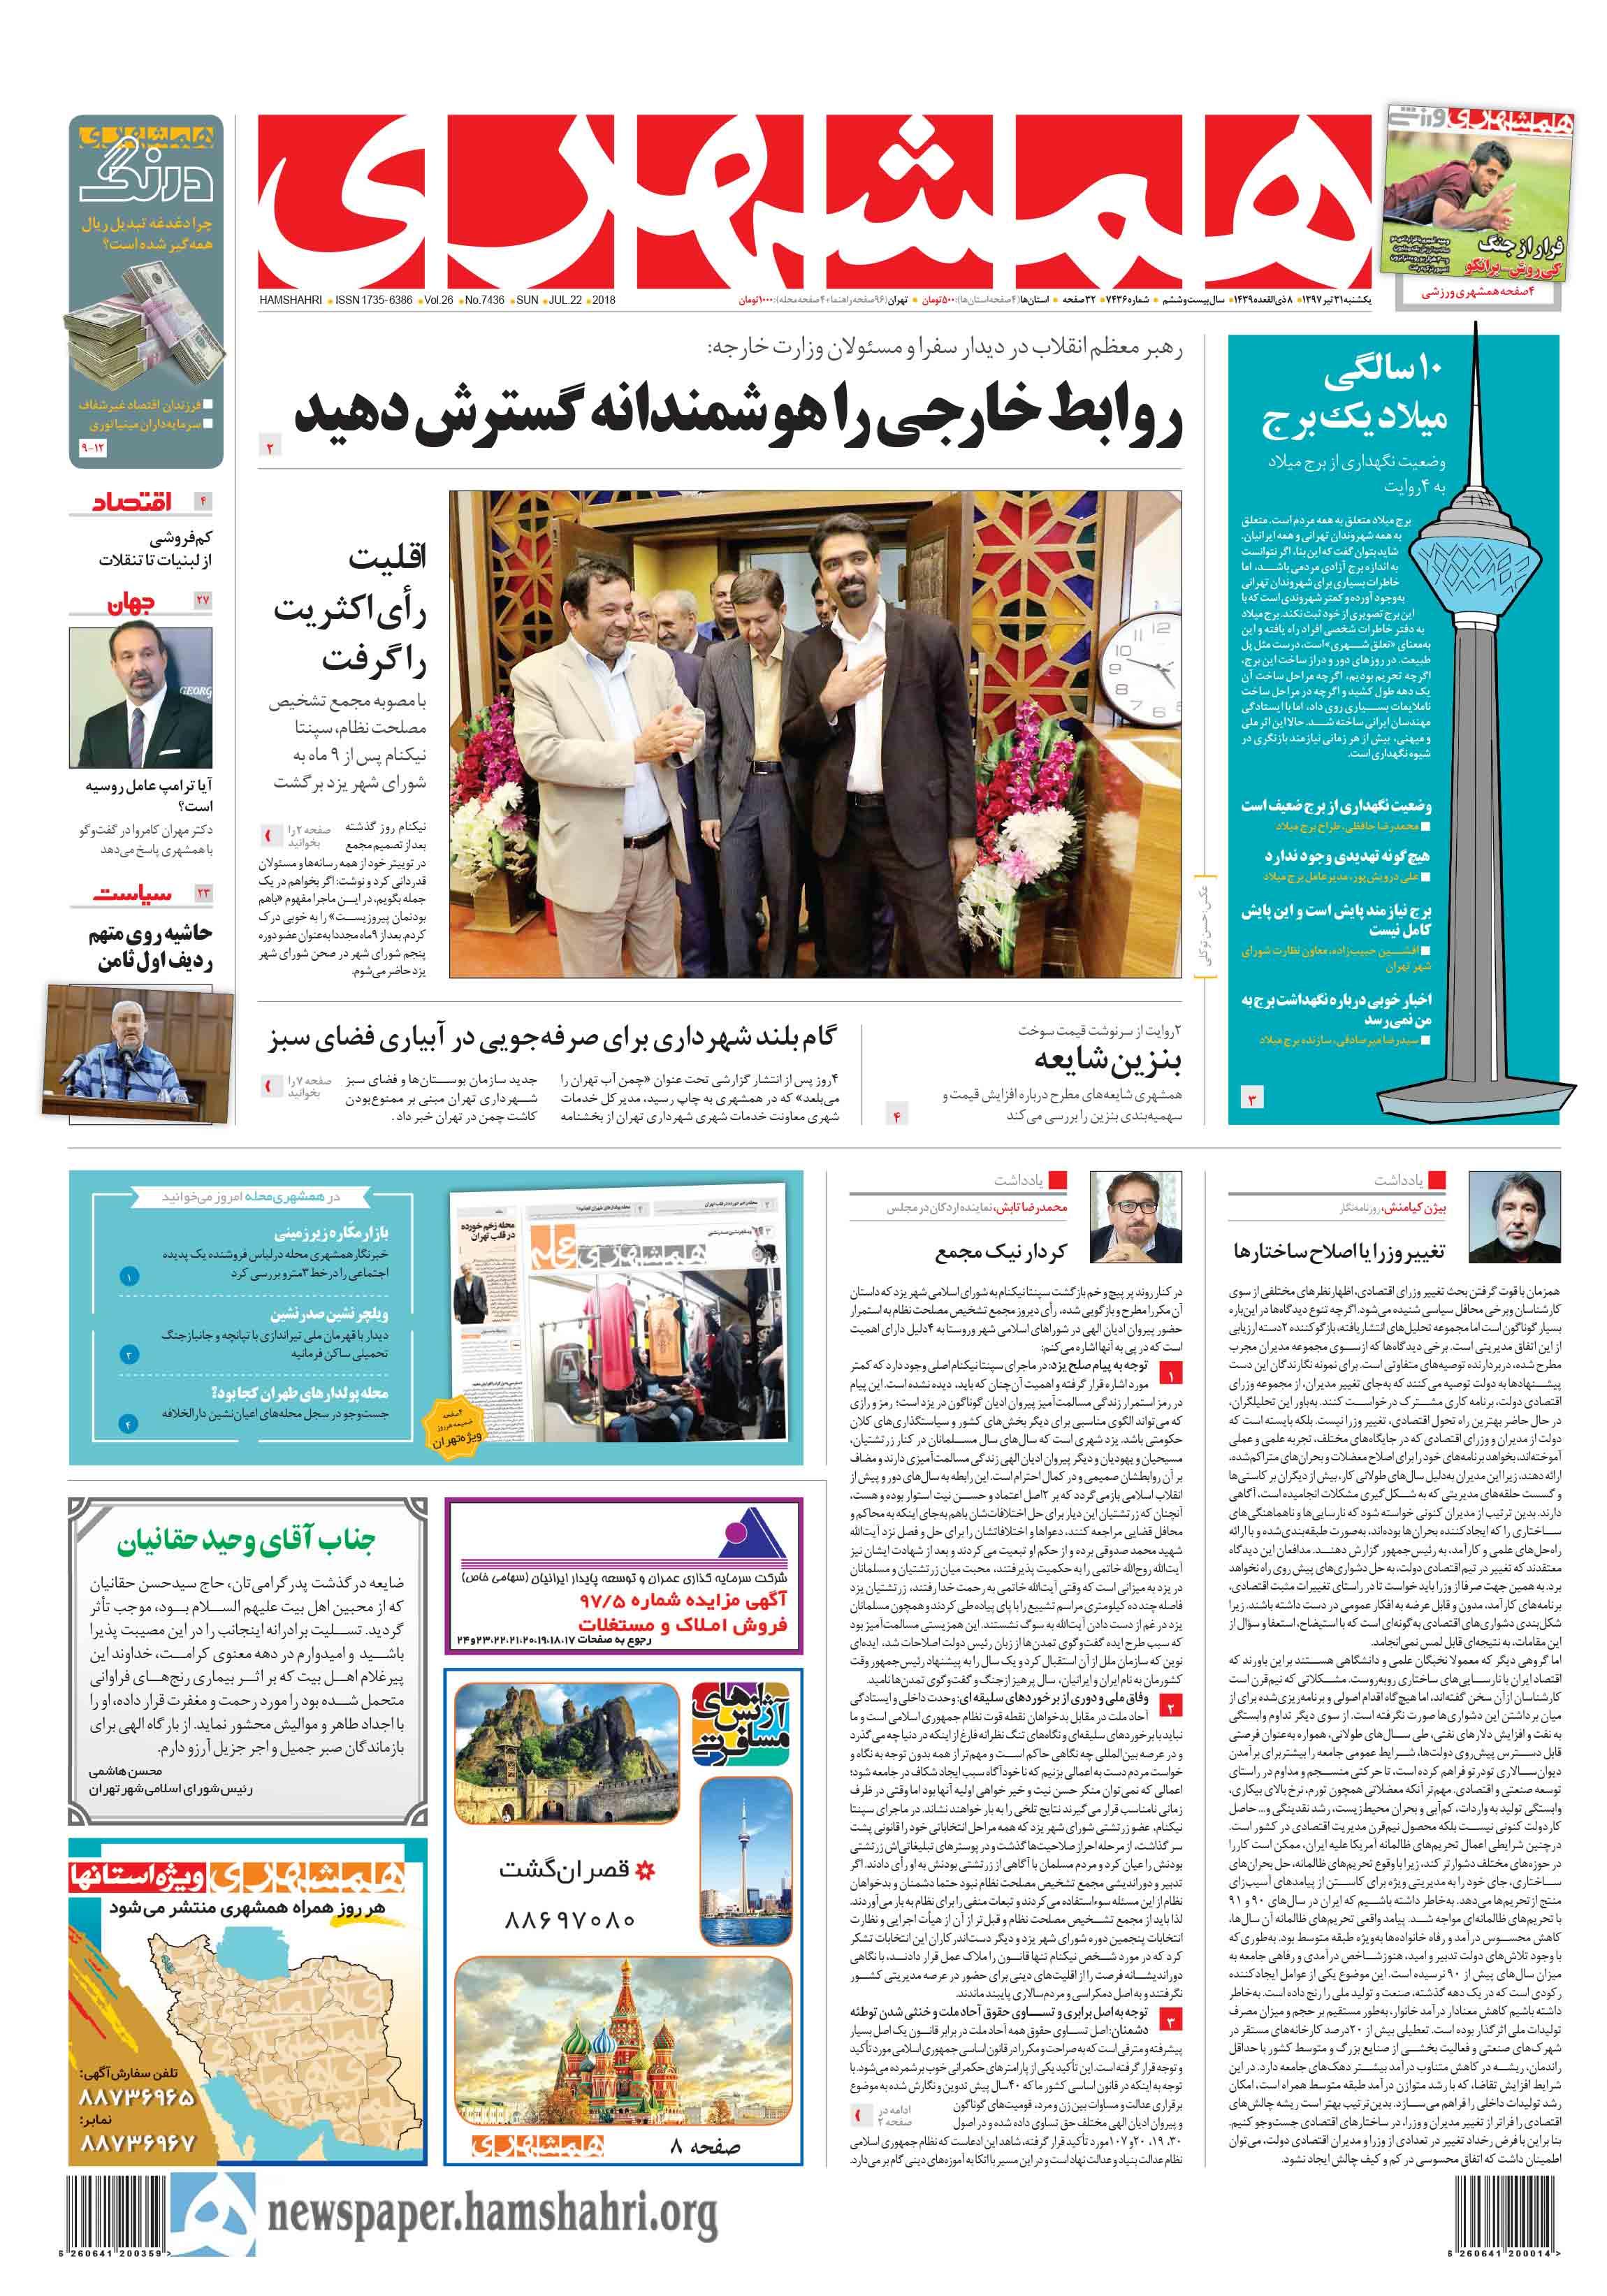 صفحه اول یکشنبه 31 تیر 1397